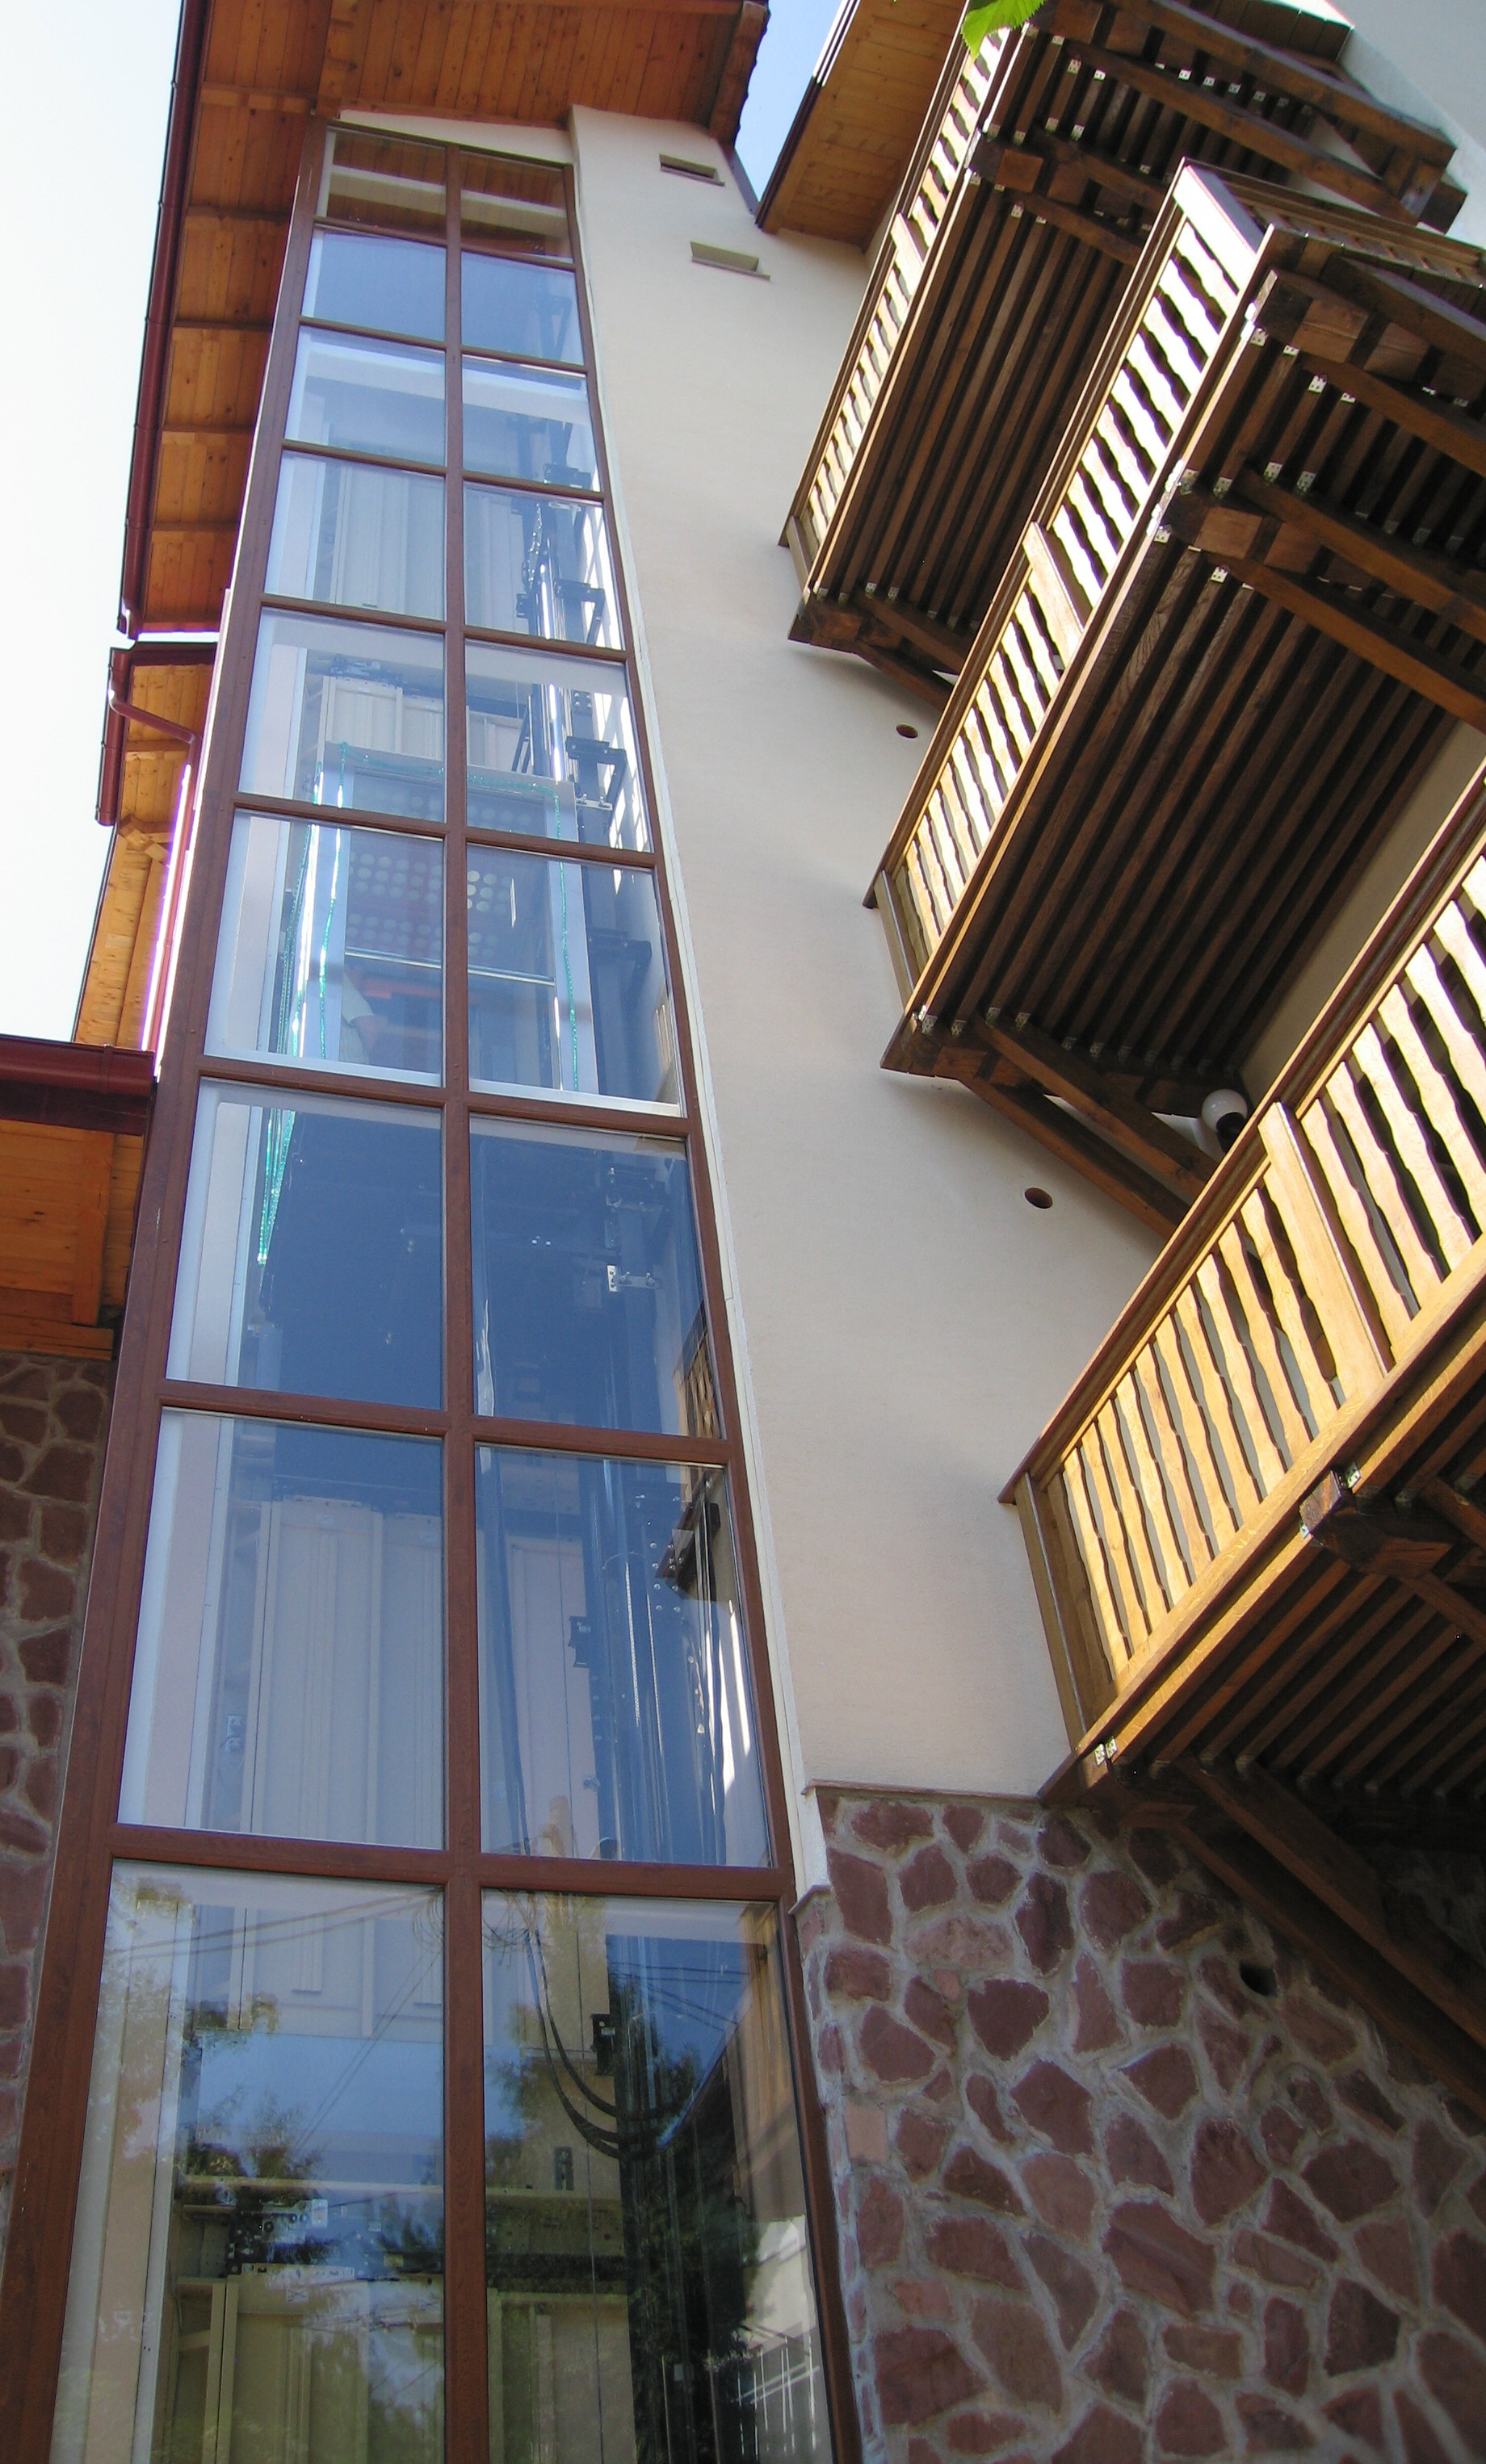 Ascensor panoramic - Hotel - BRASOV ELMAS - Poza 1